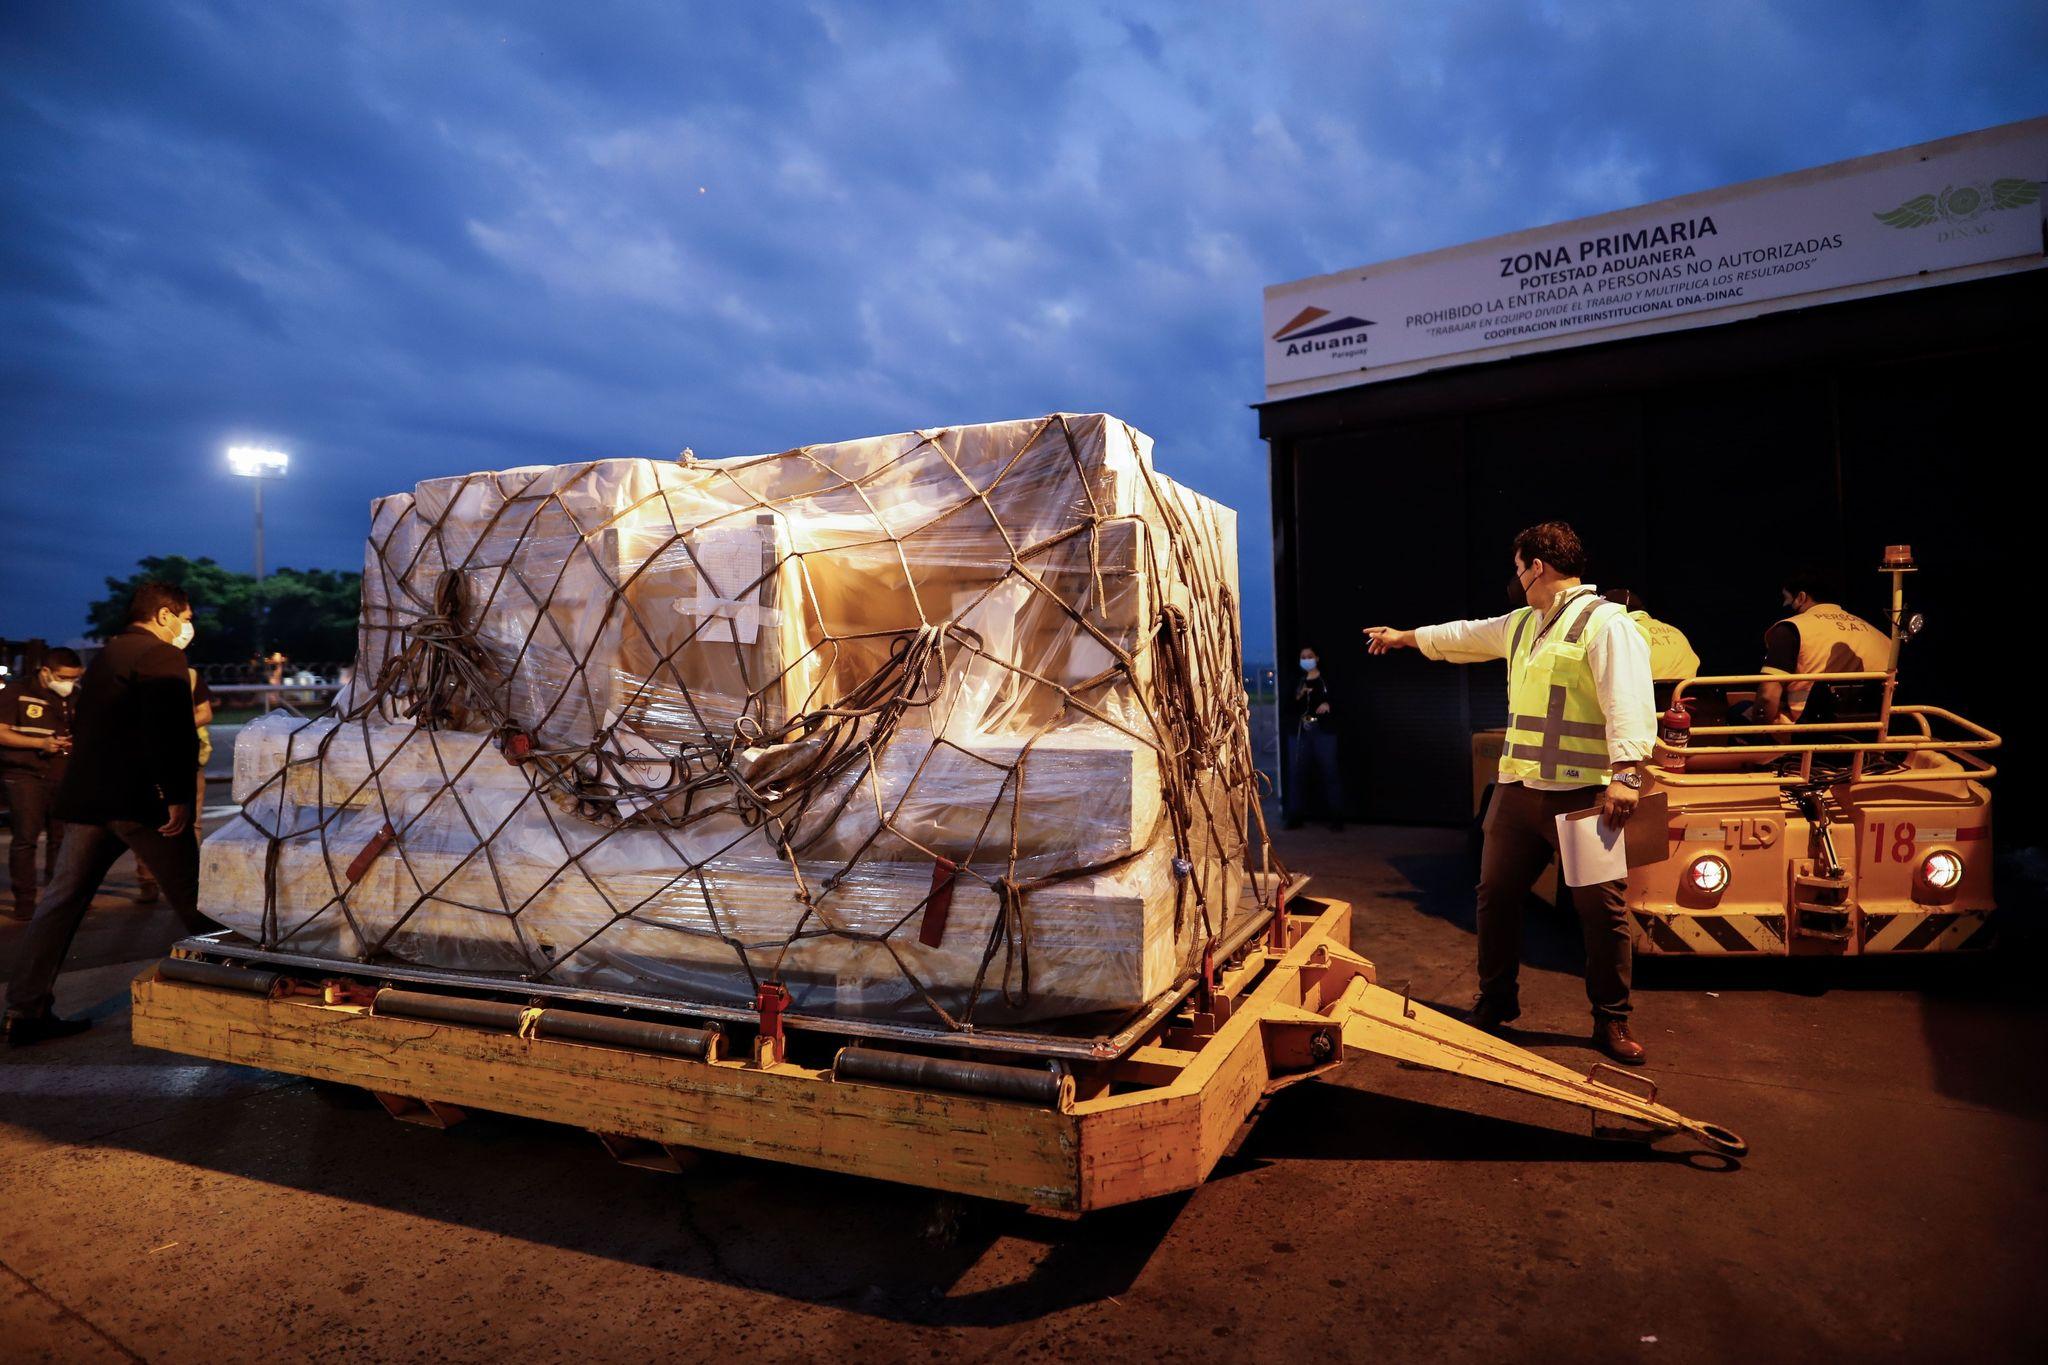 Traslado de medicamentos en el aeropuerto de Luque (Paraguay).